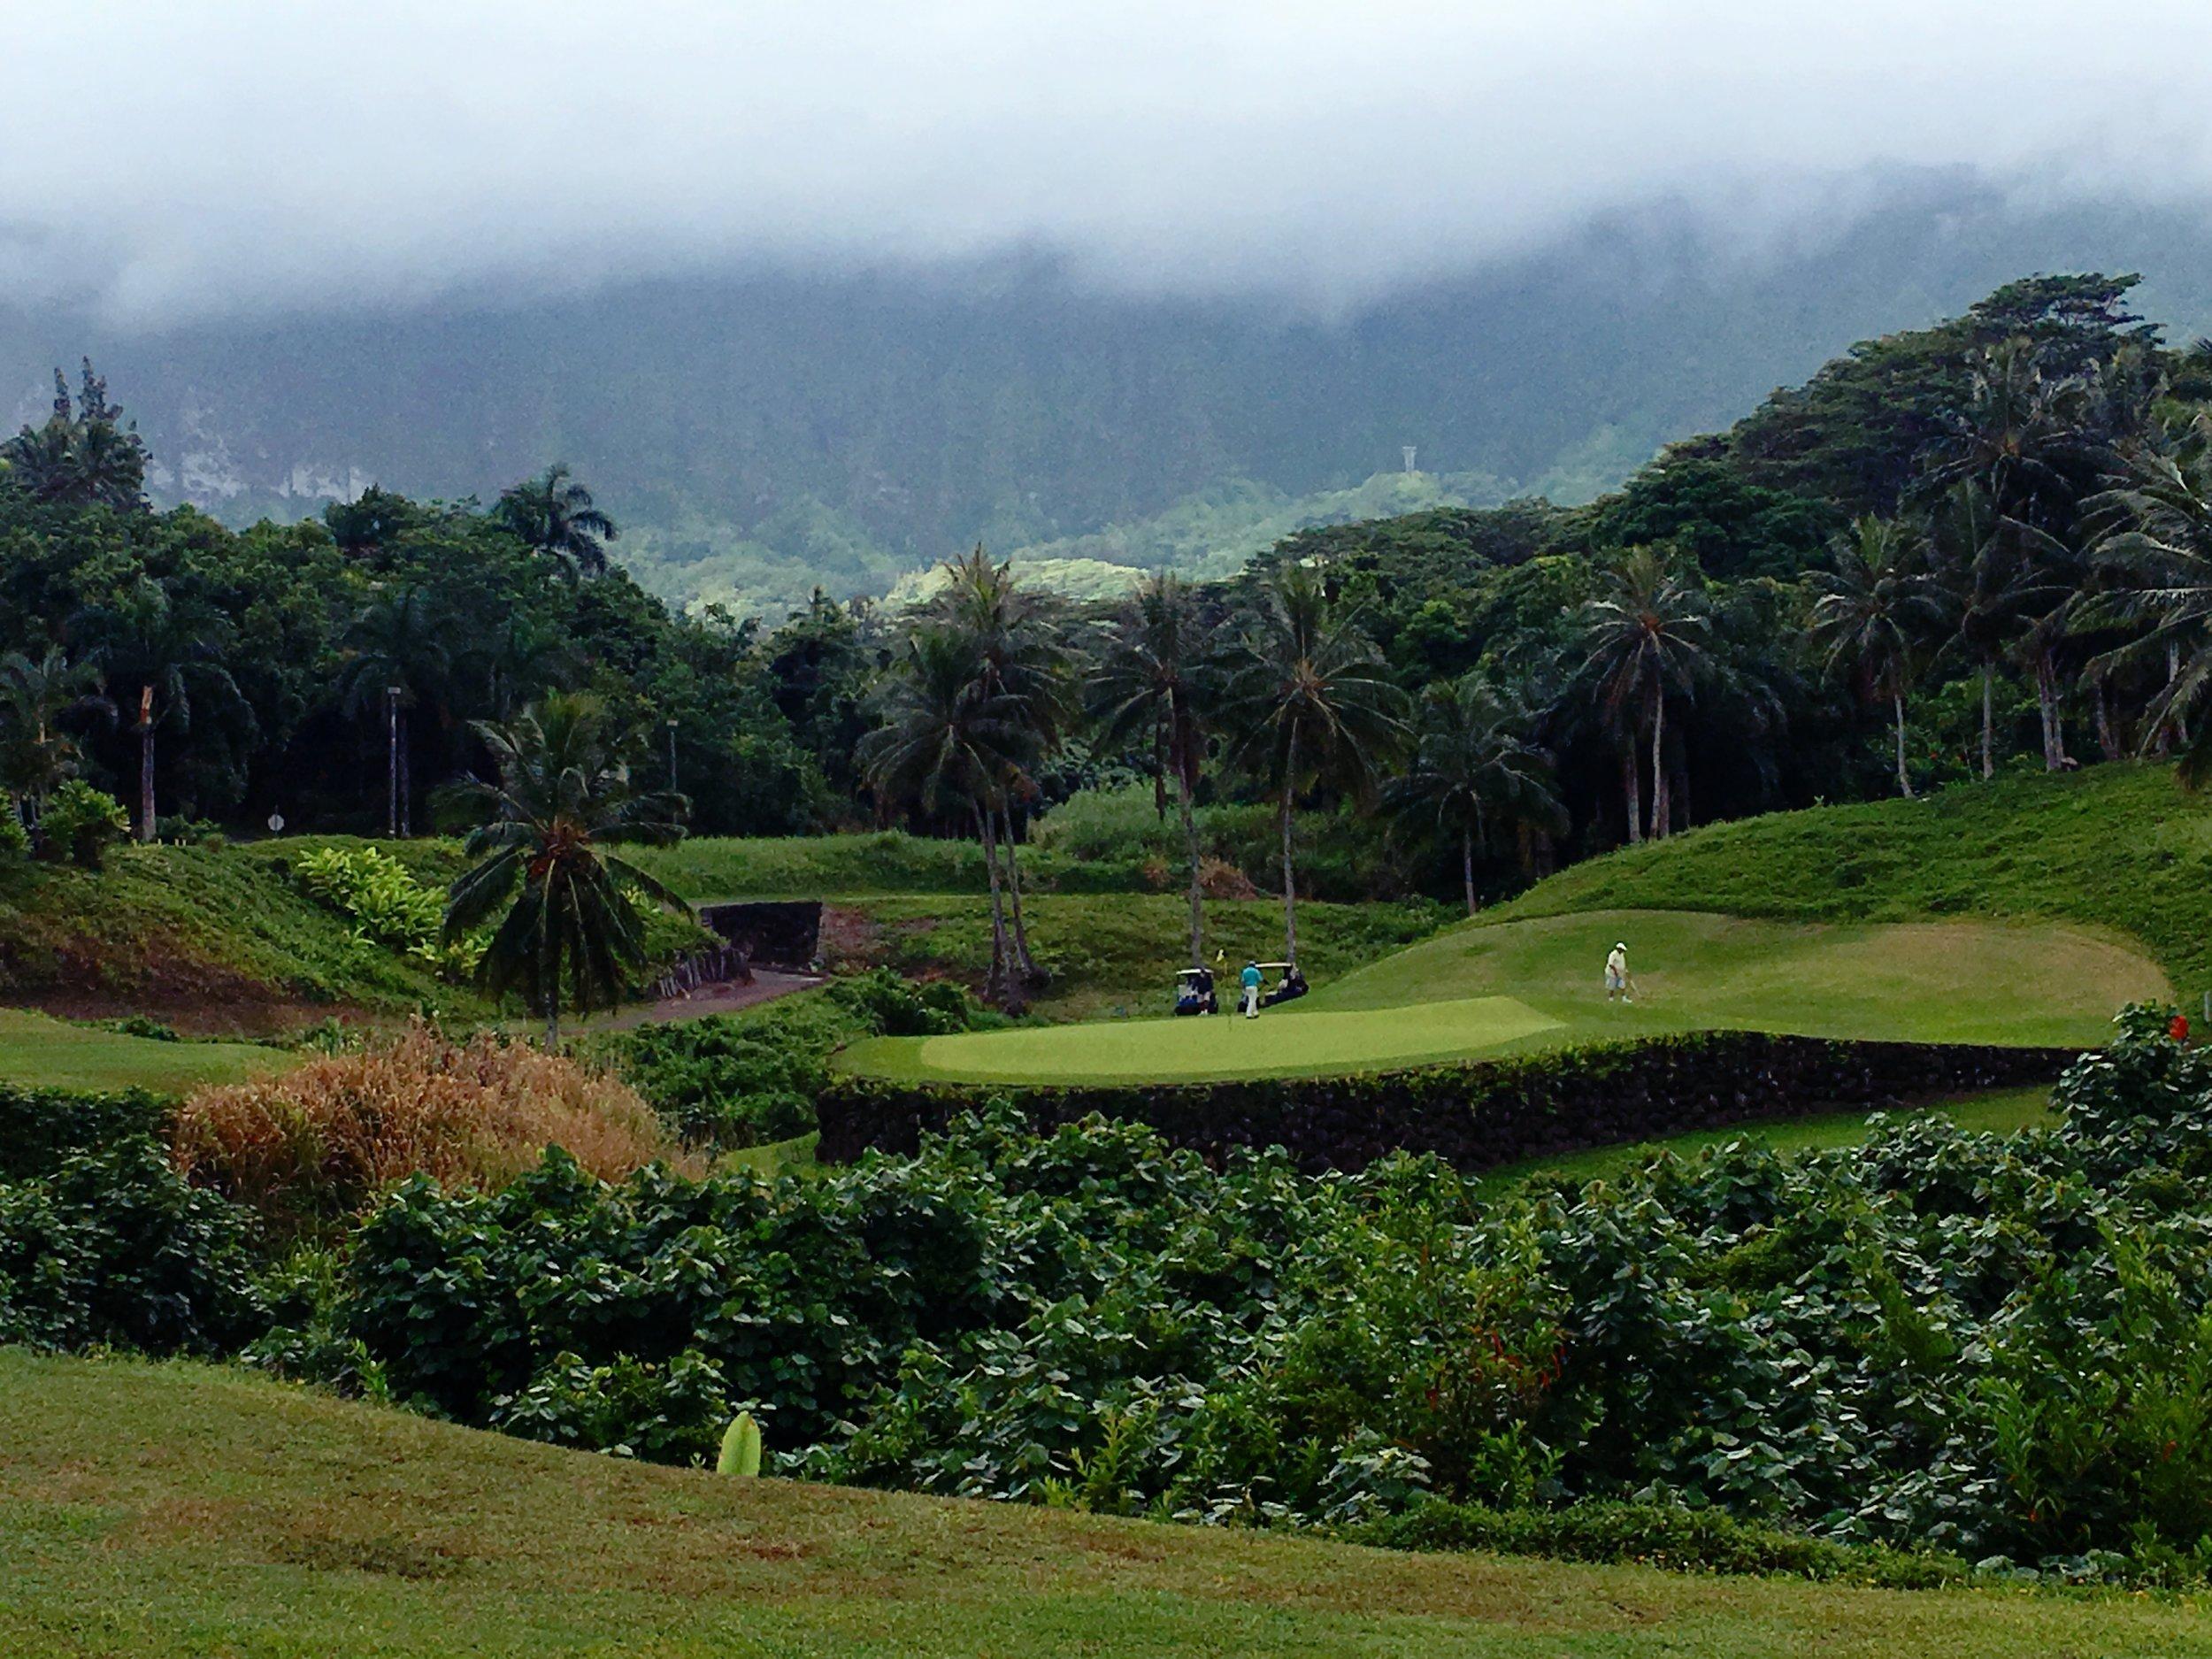 Royal hawaiian golf course